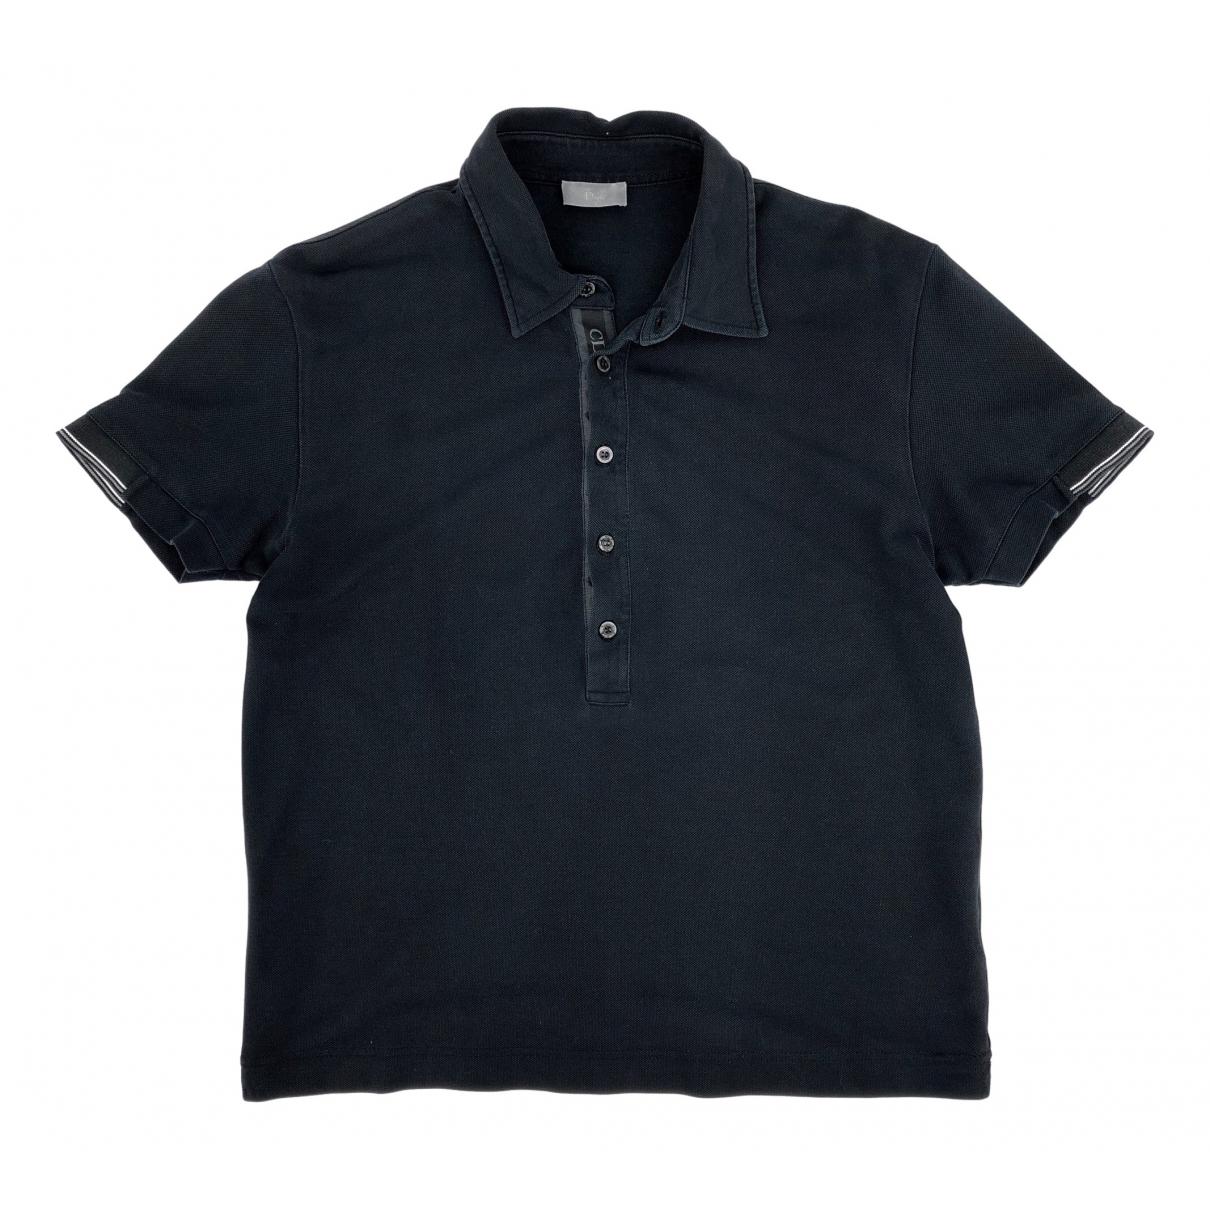 Dior Homme - Polos   pour homme en coton - noir